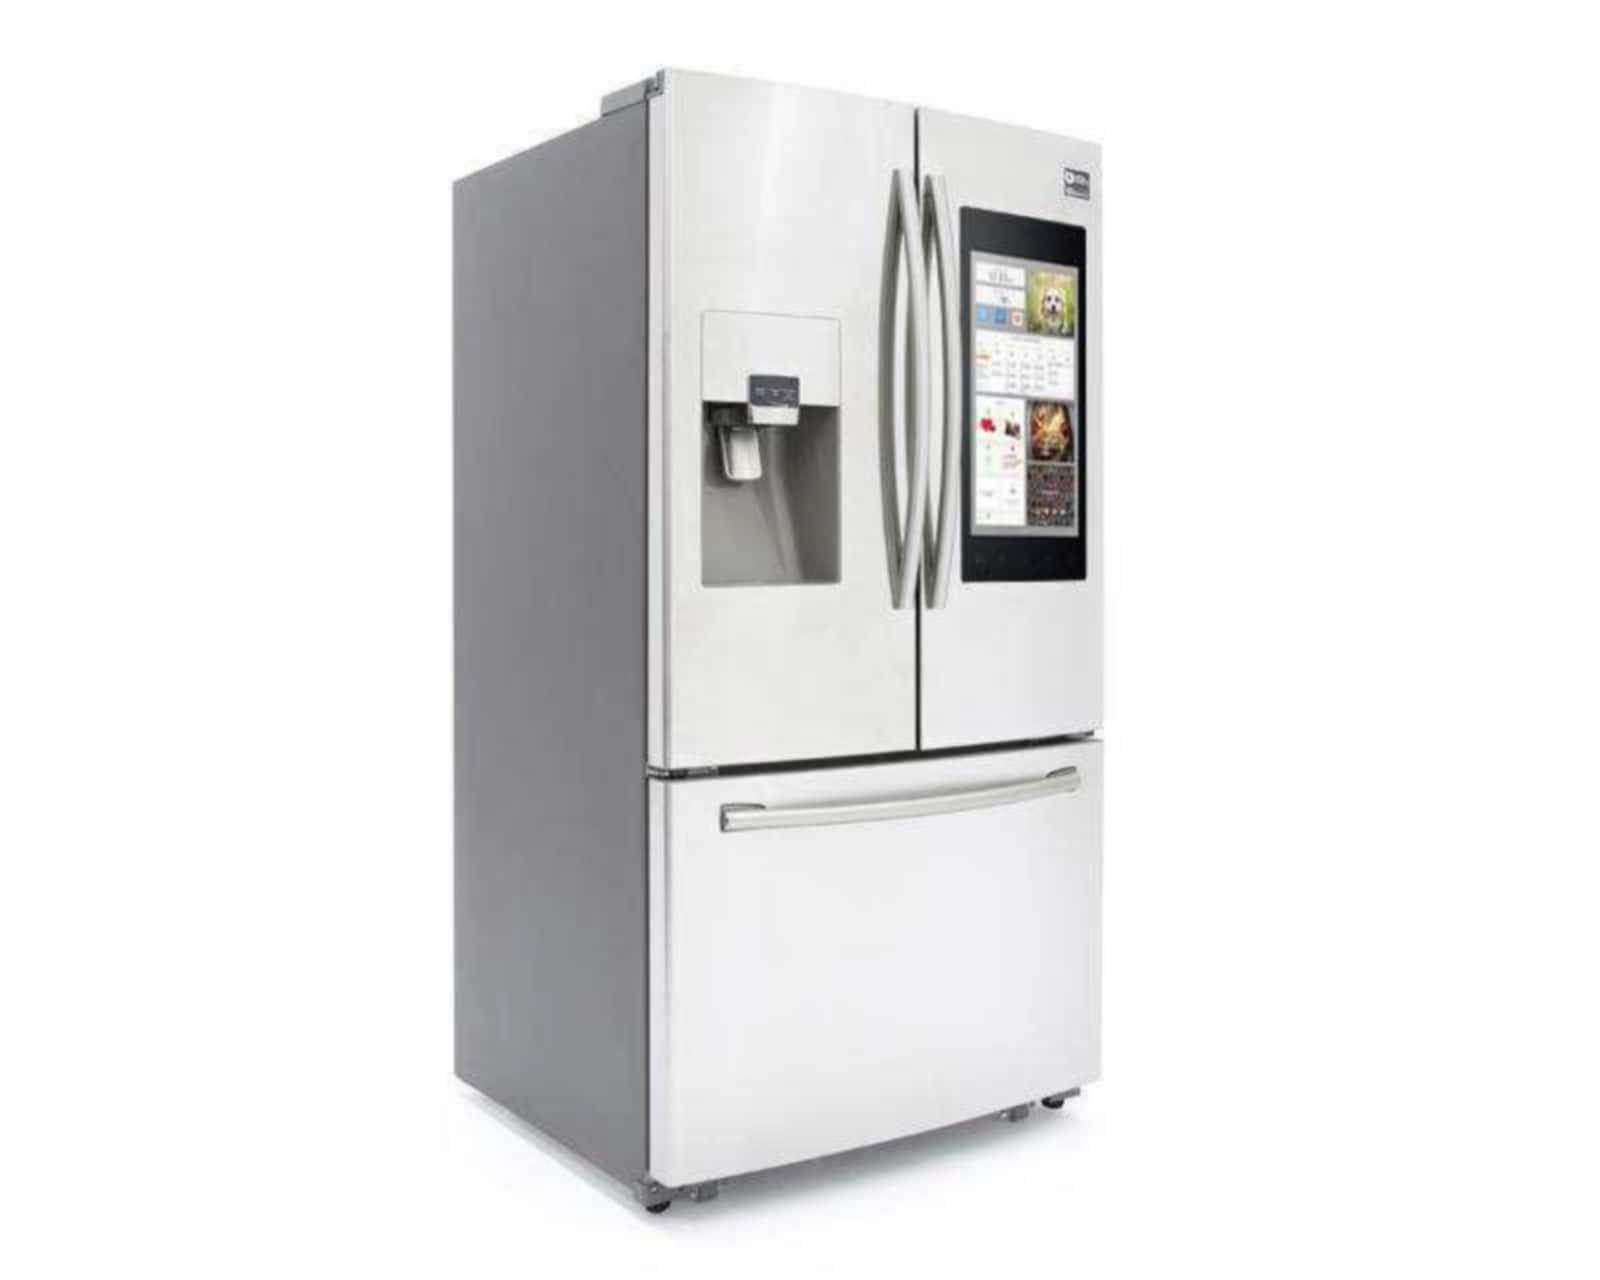 Refrigerador Samsung Bottom Mount RF265BEAESR/EM de 24 pies